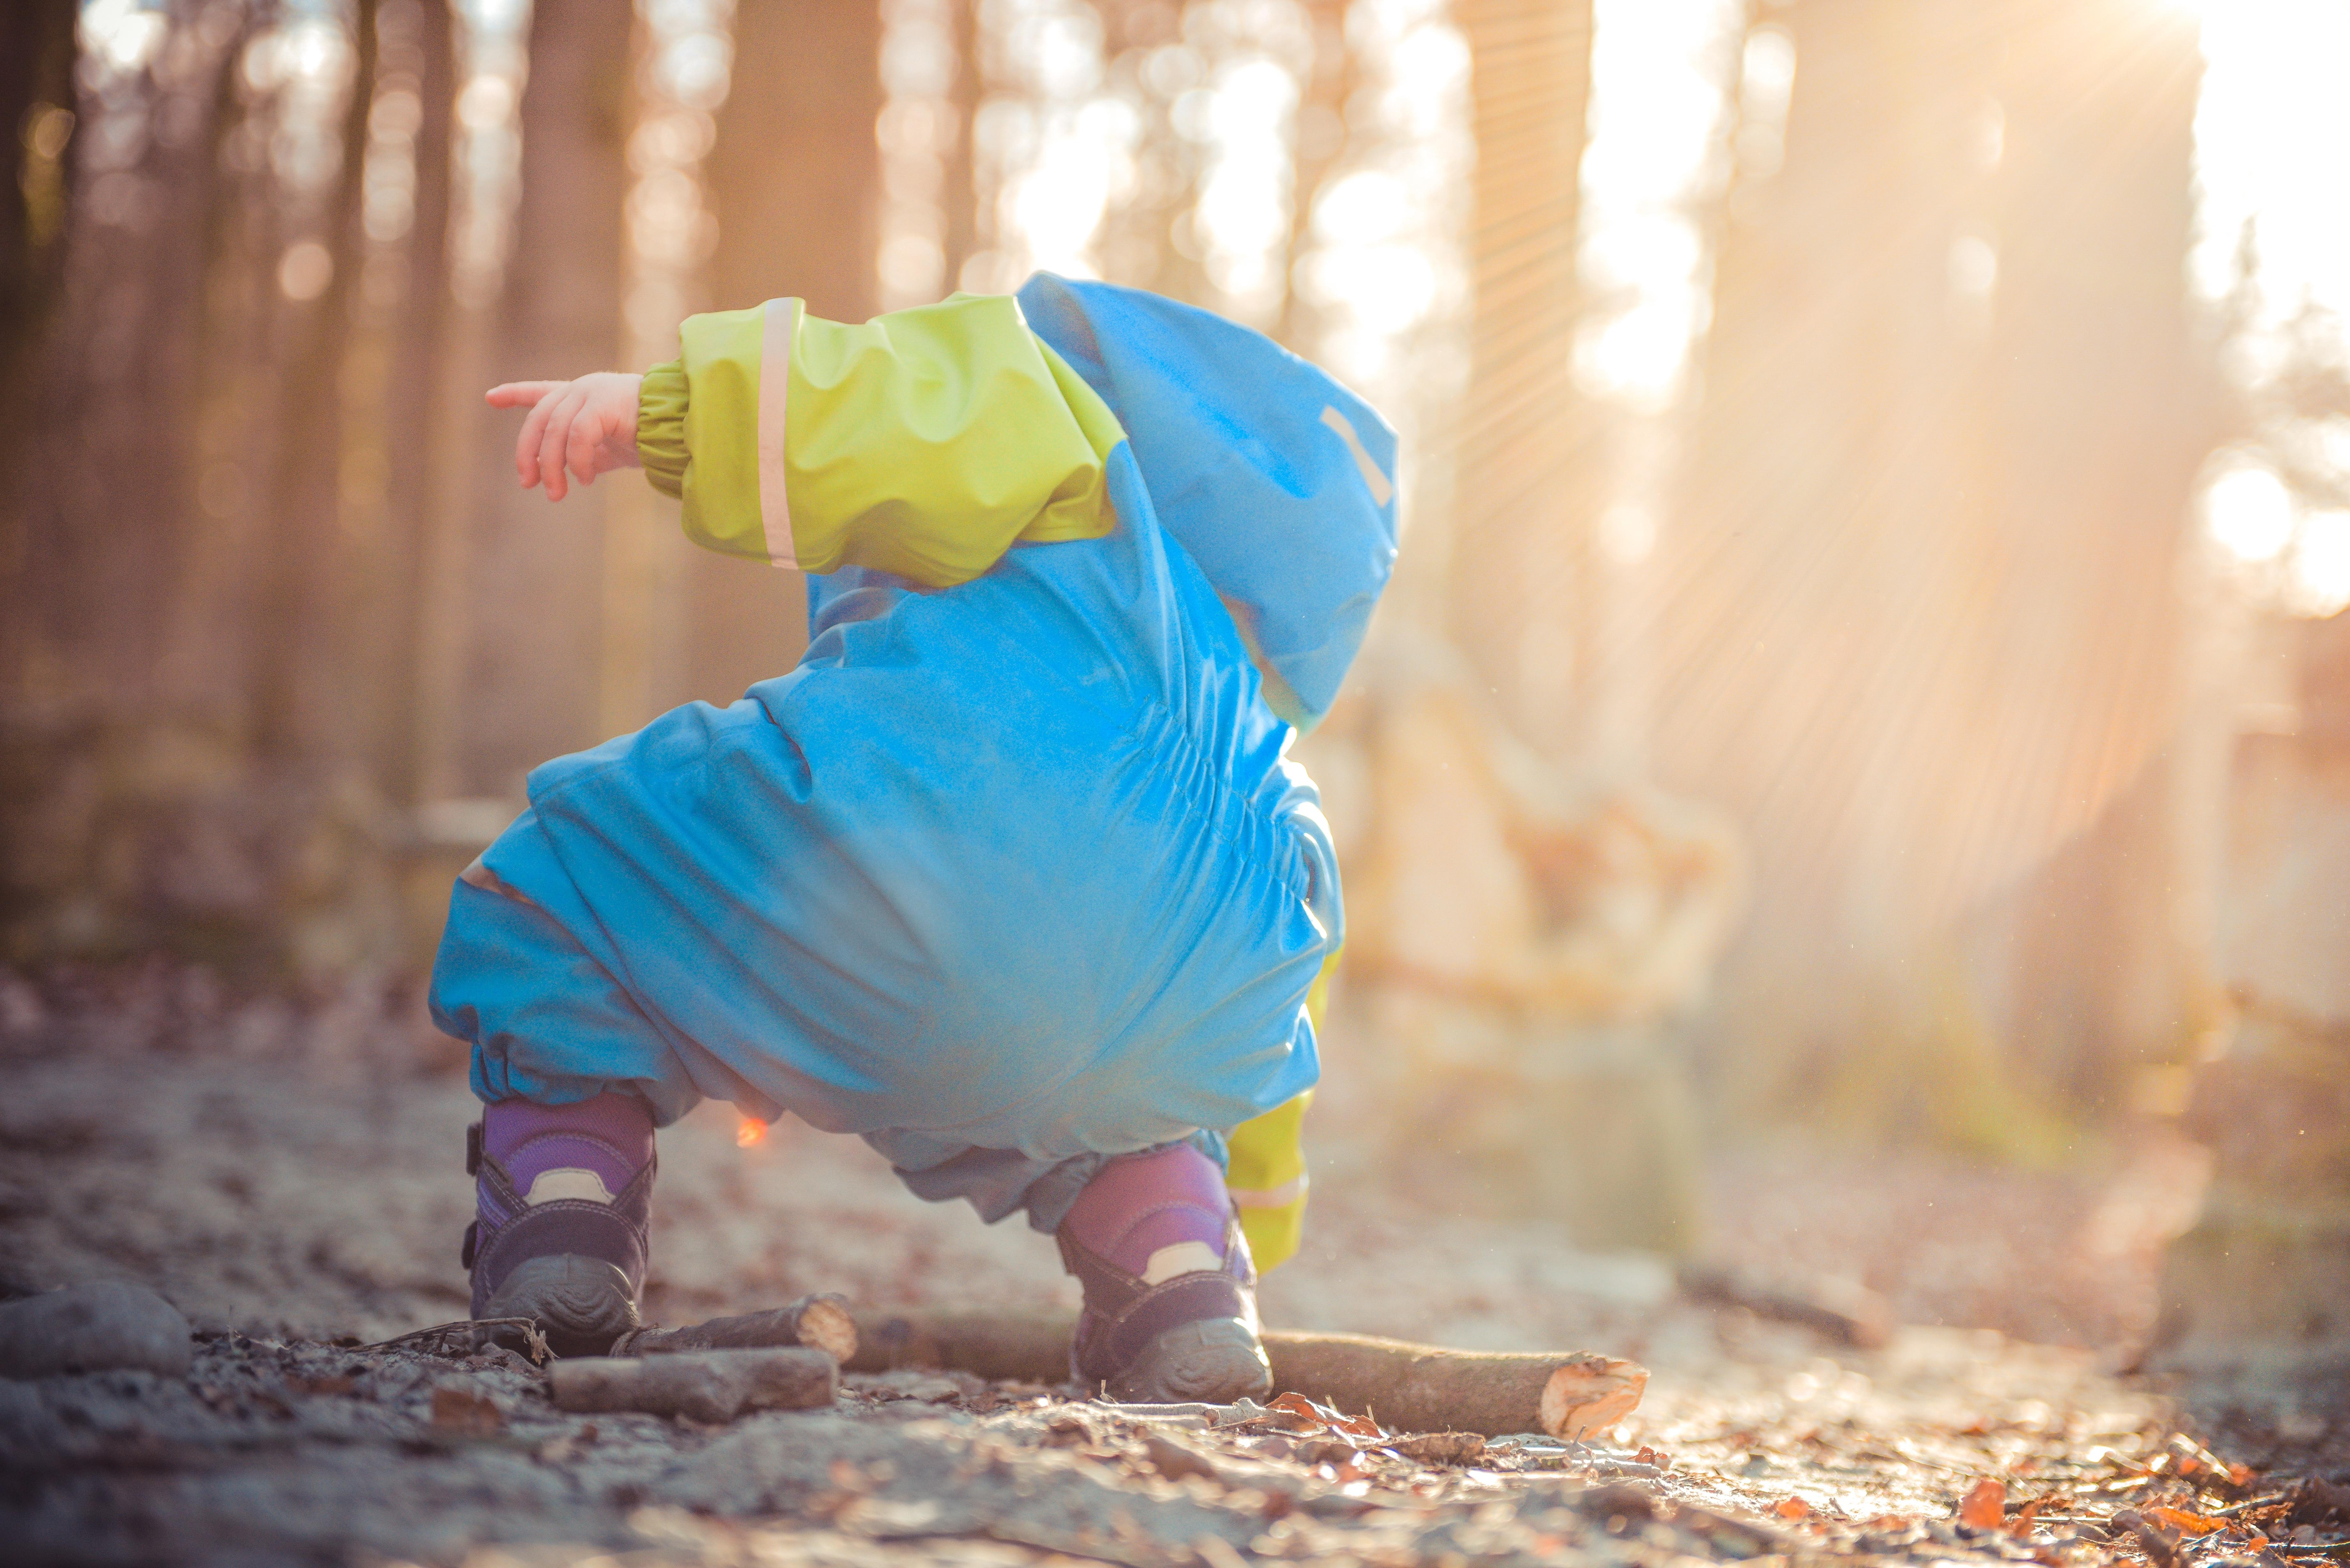 Barnolycksfallsutbildning och Barn-HLR